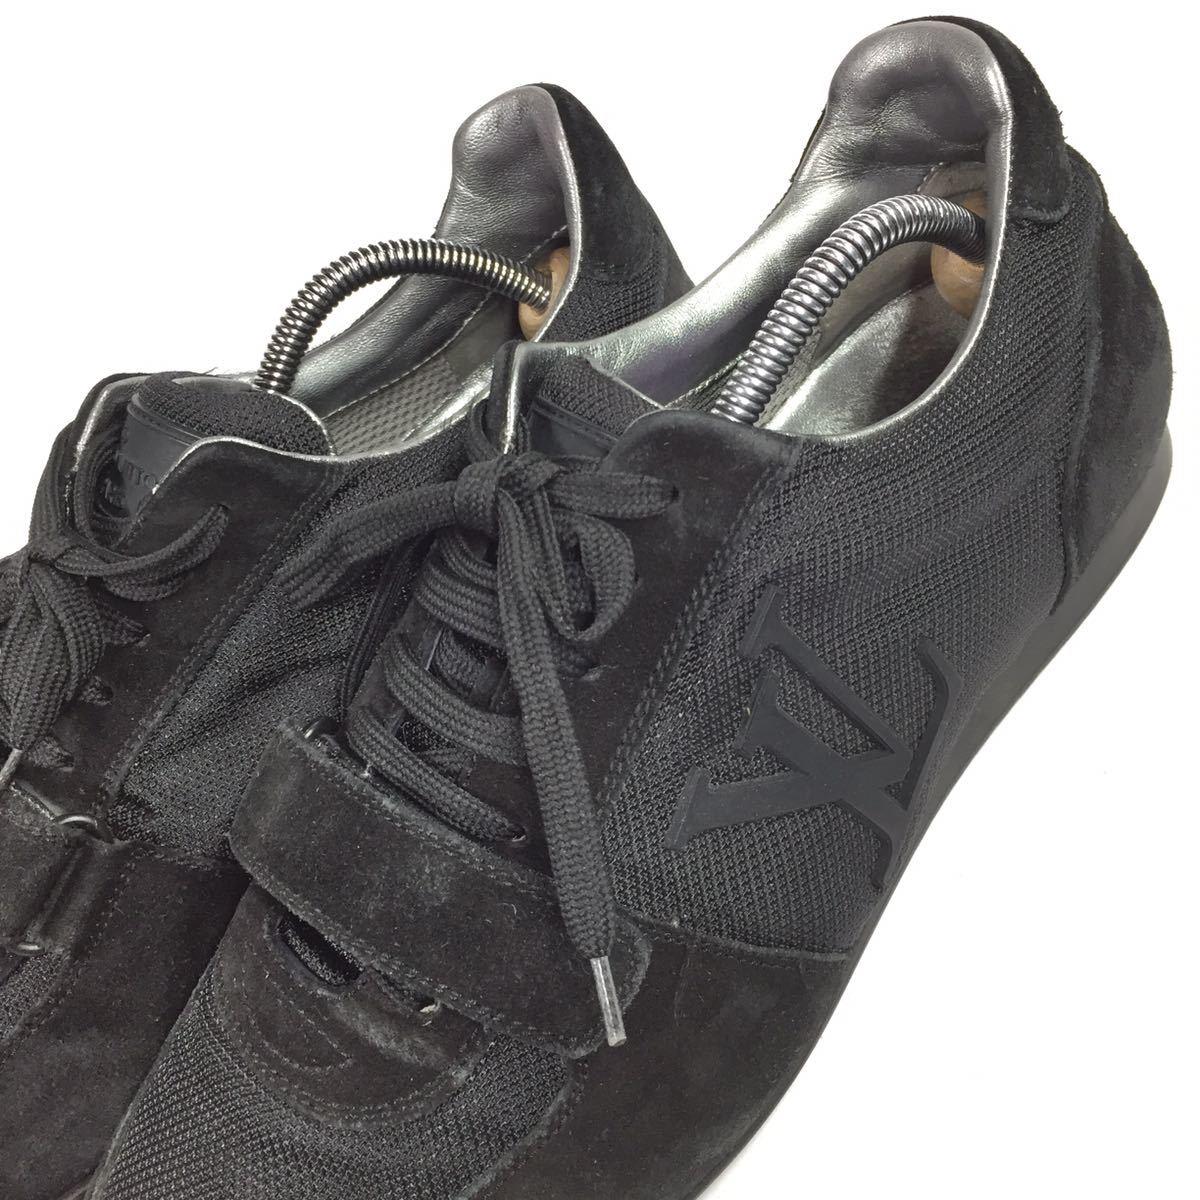 【ルイヴィトン】本物 LOUIS VUITTON 靴 26cm 黒色系 LVロゴ スニーカー カジュアルシューズ スエード 男性用 メンズ イタリア製 7_画像8